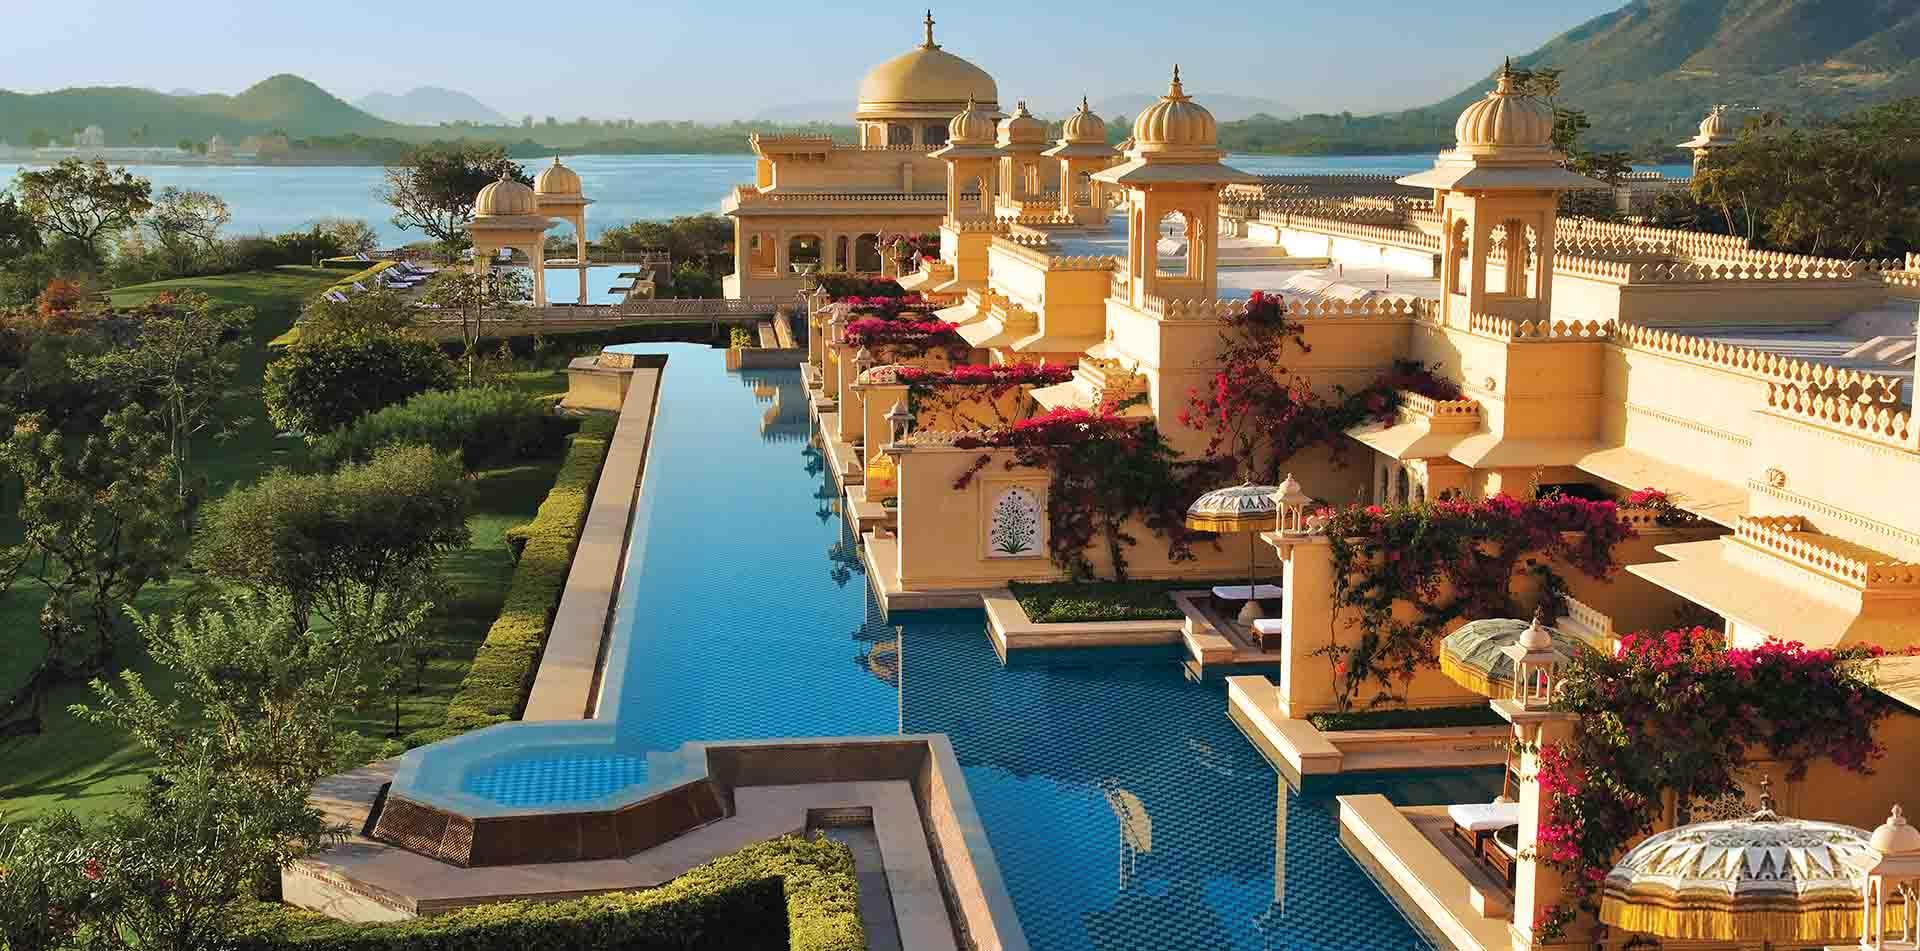 Udaivilas Hotel, India